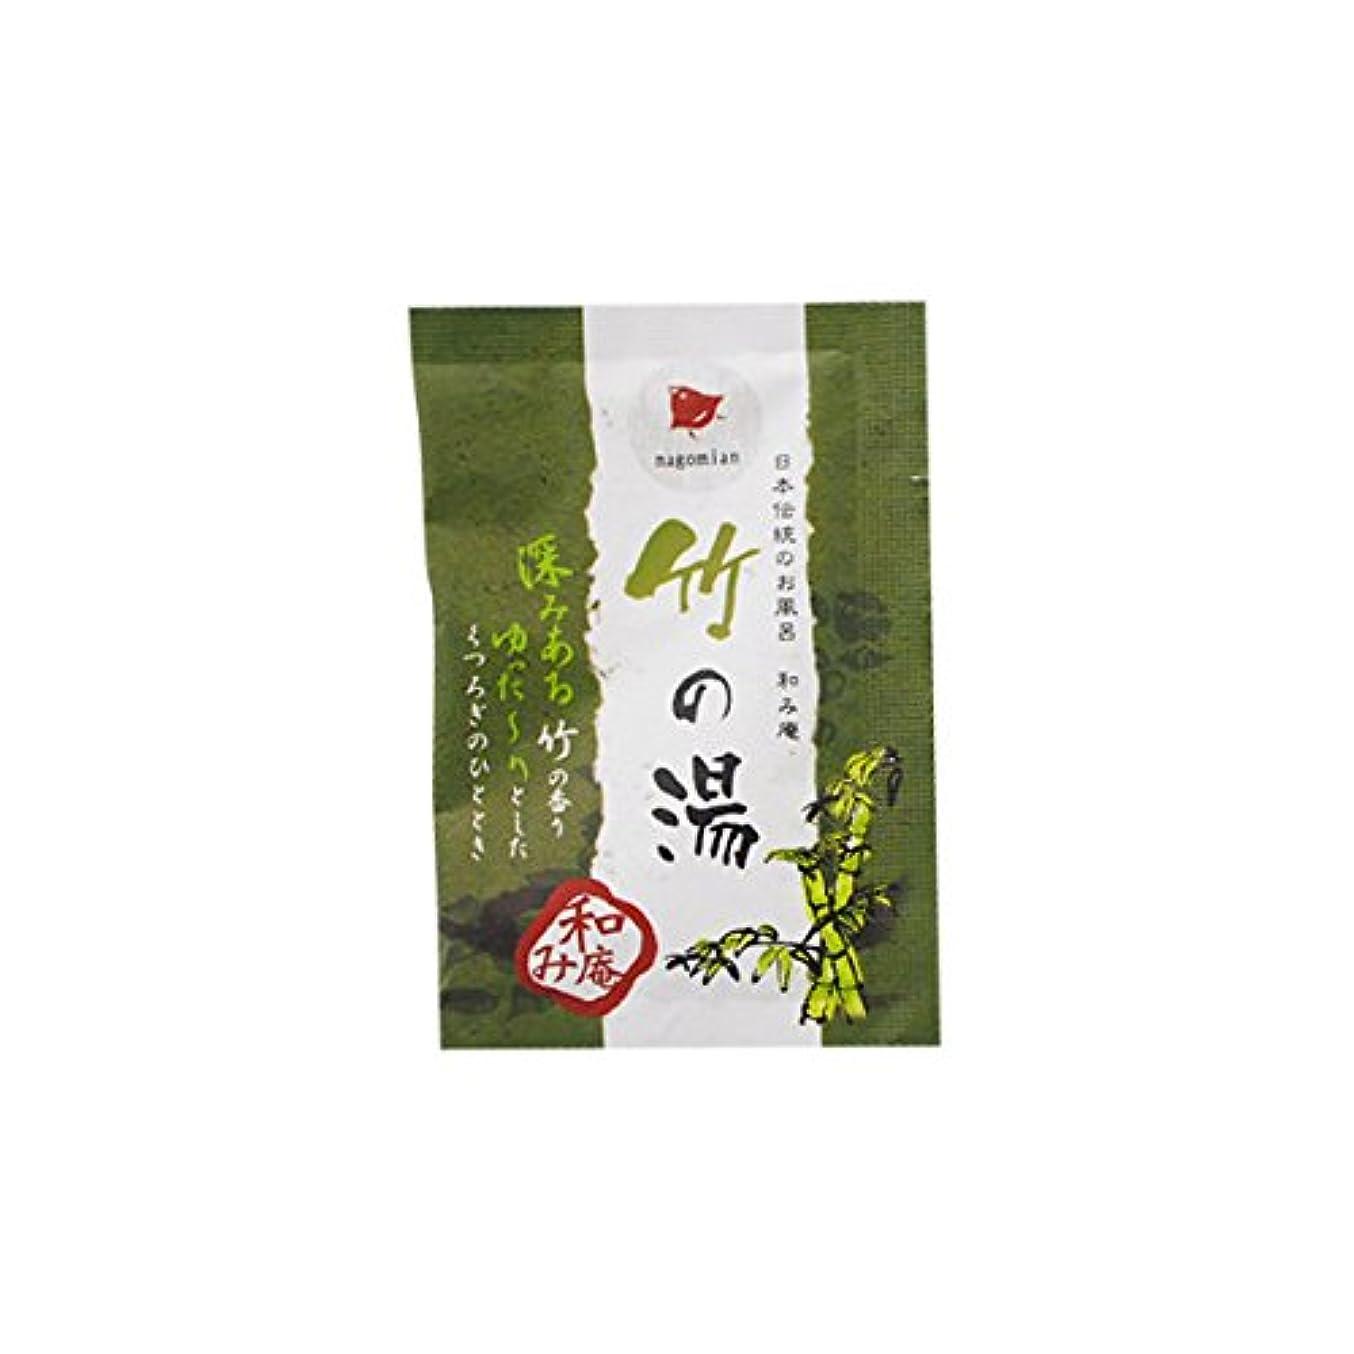 蛾黒一般和み庵 入浴剤 「竹の湯」30個